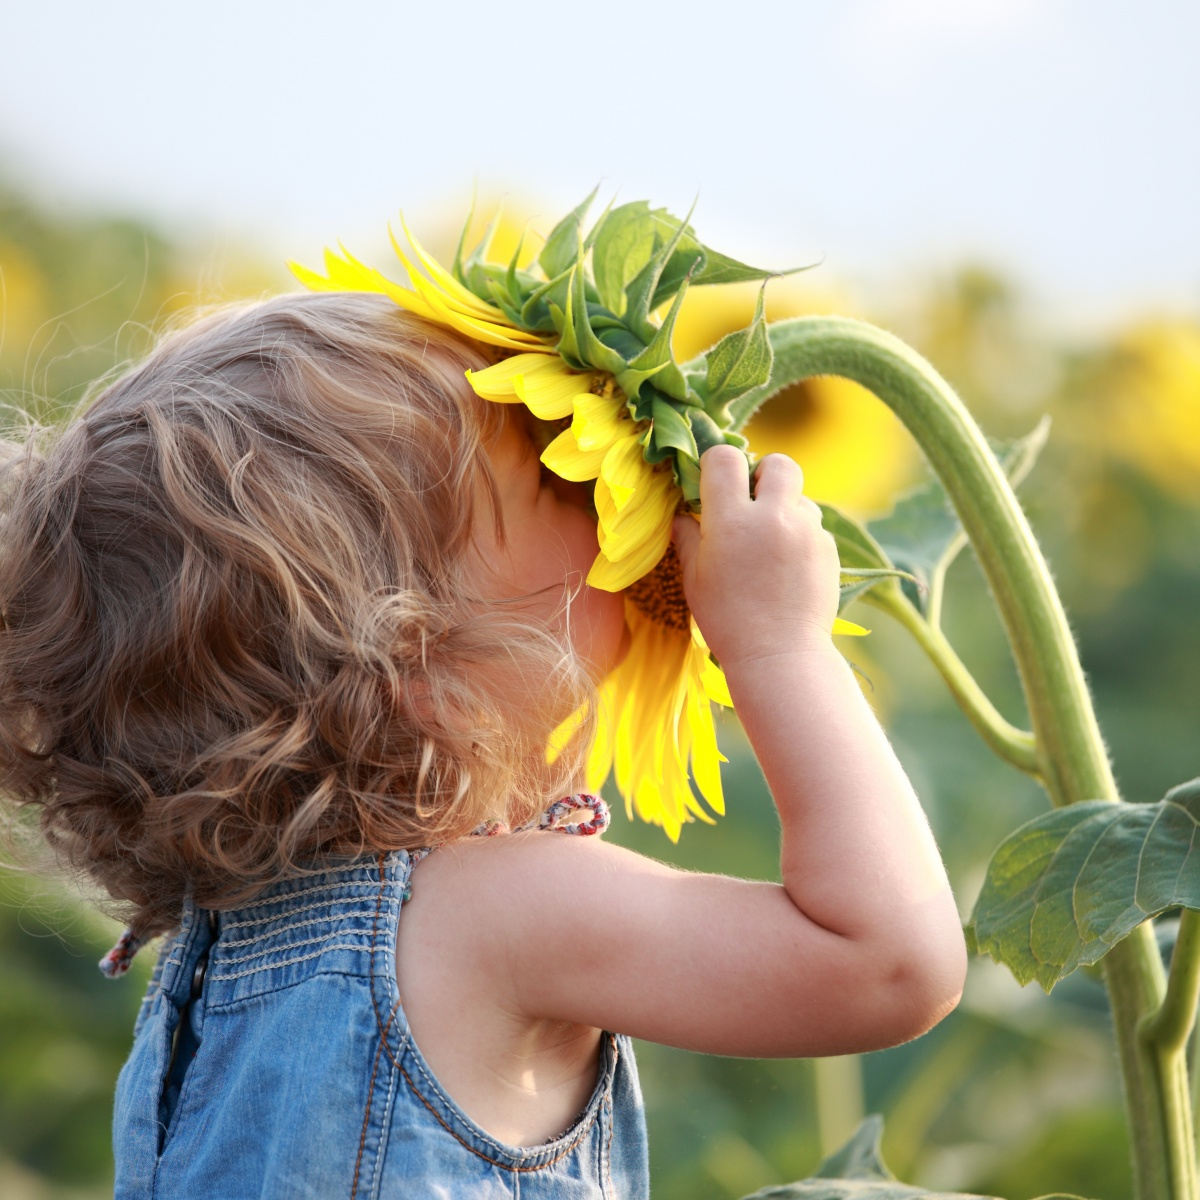 фото доброе утро мир позитива реликтовых растений